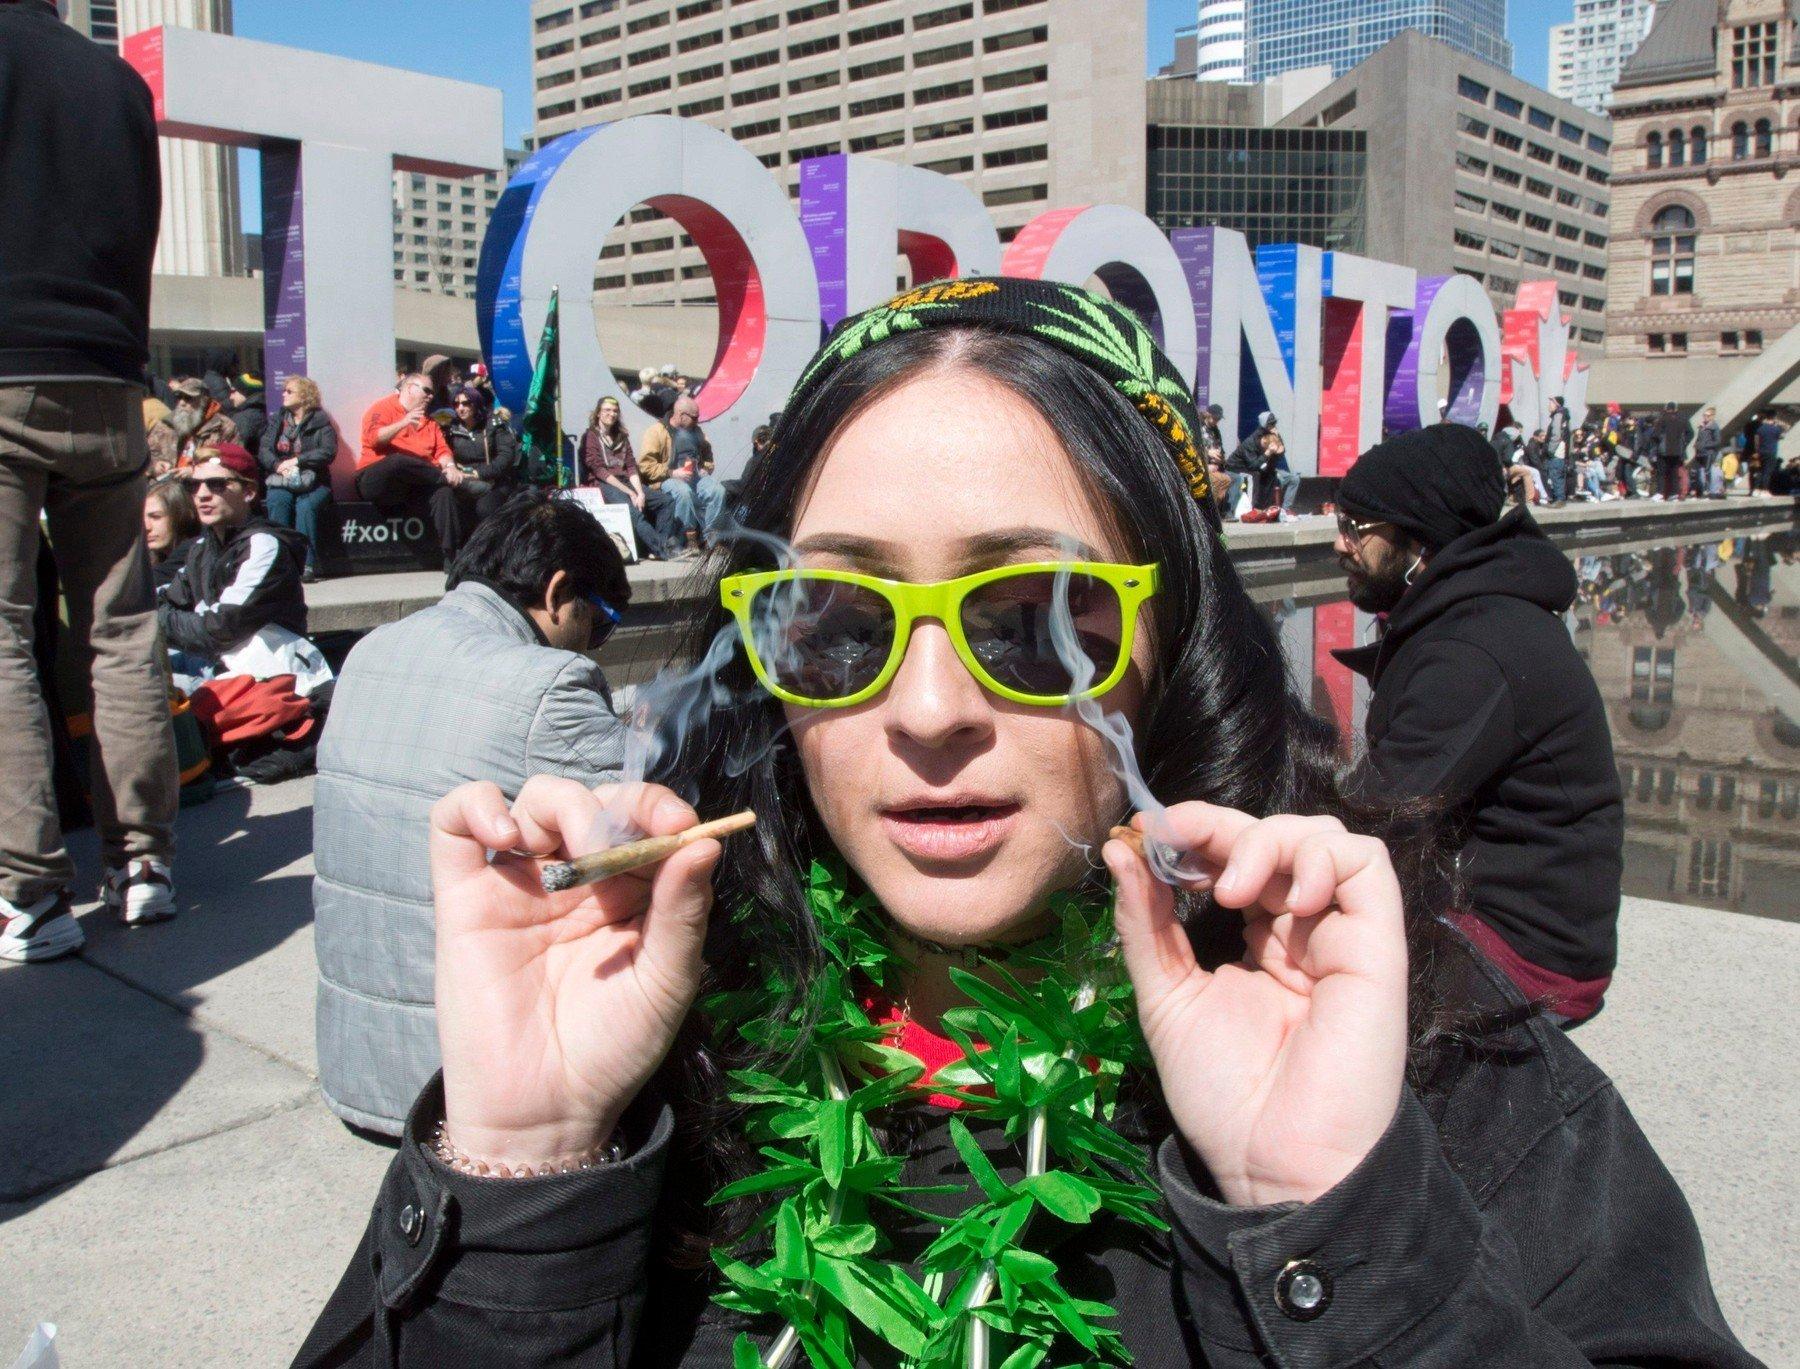 Kanadě chybí už jen krok k legalizaci konopí